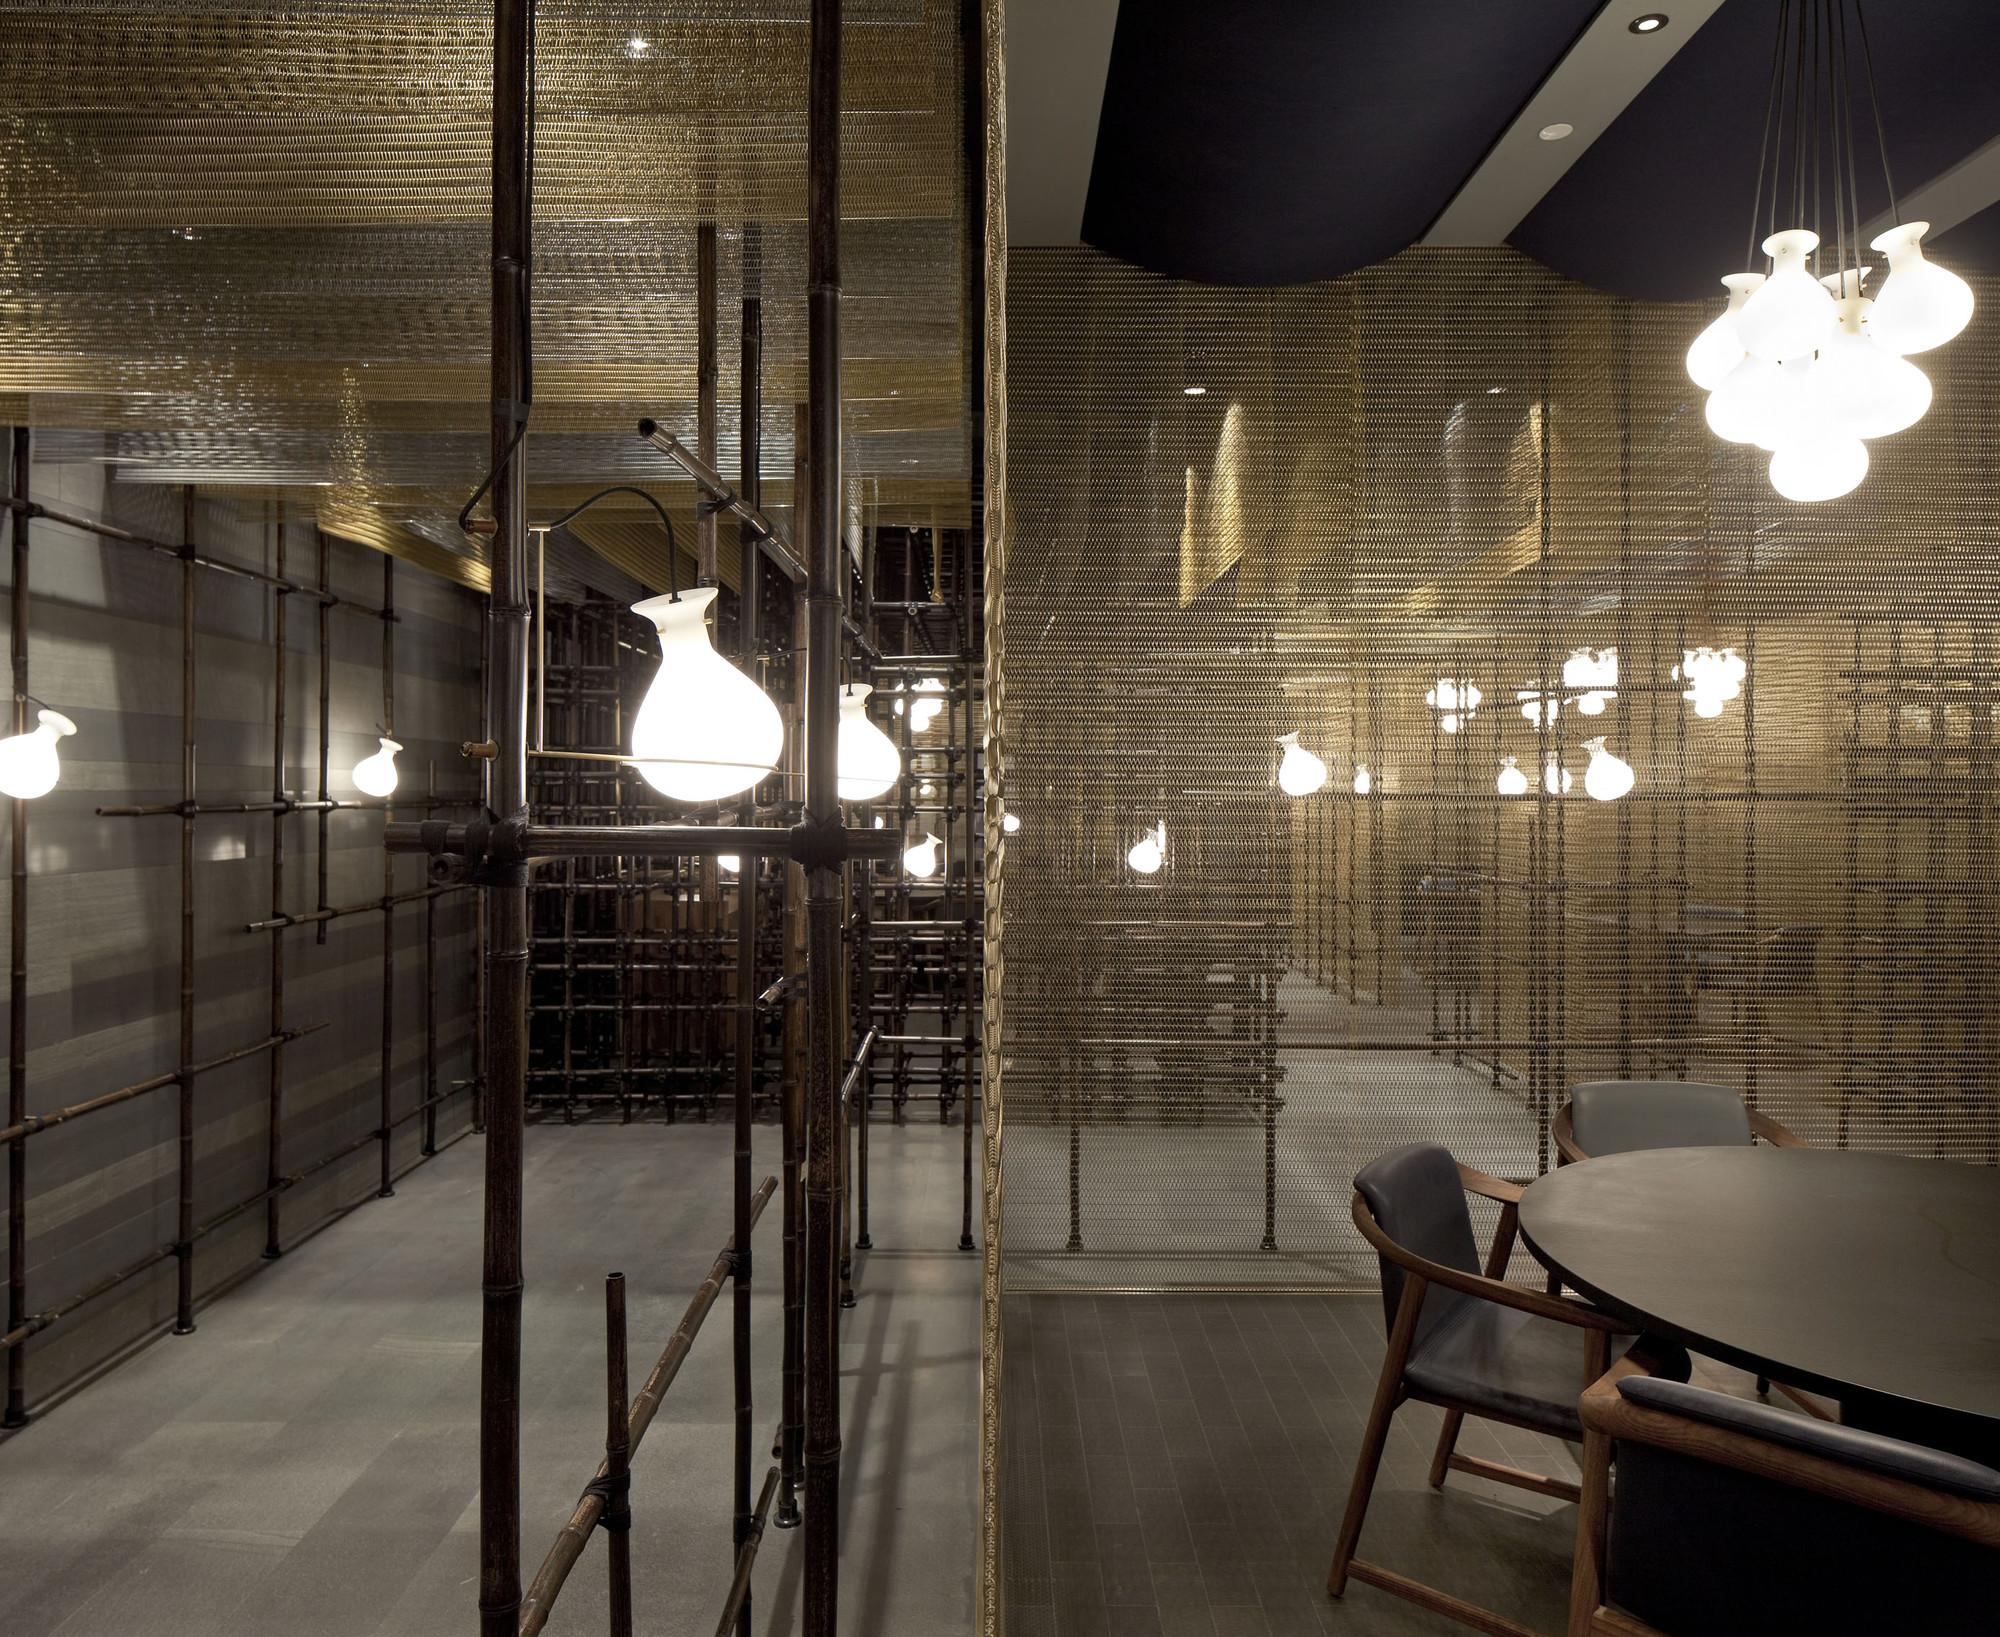 Gallery of le meridien zhengzhou neri hu design and